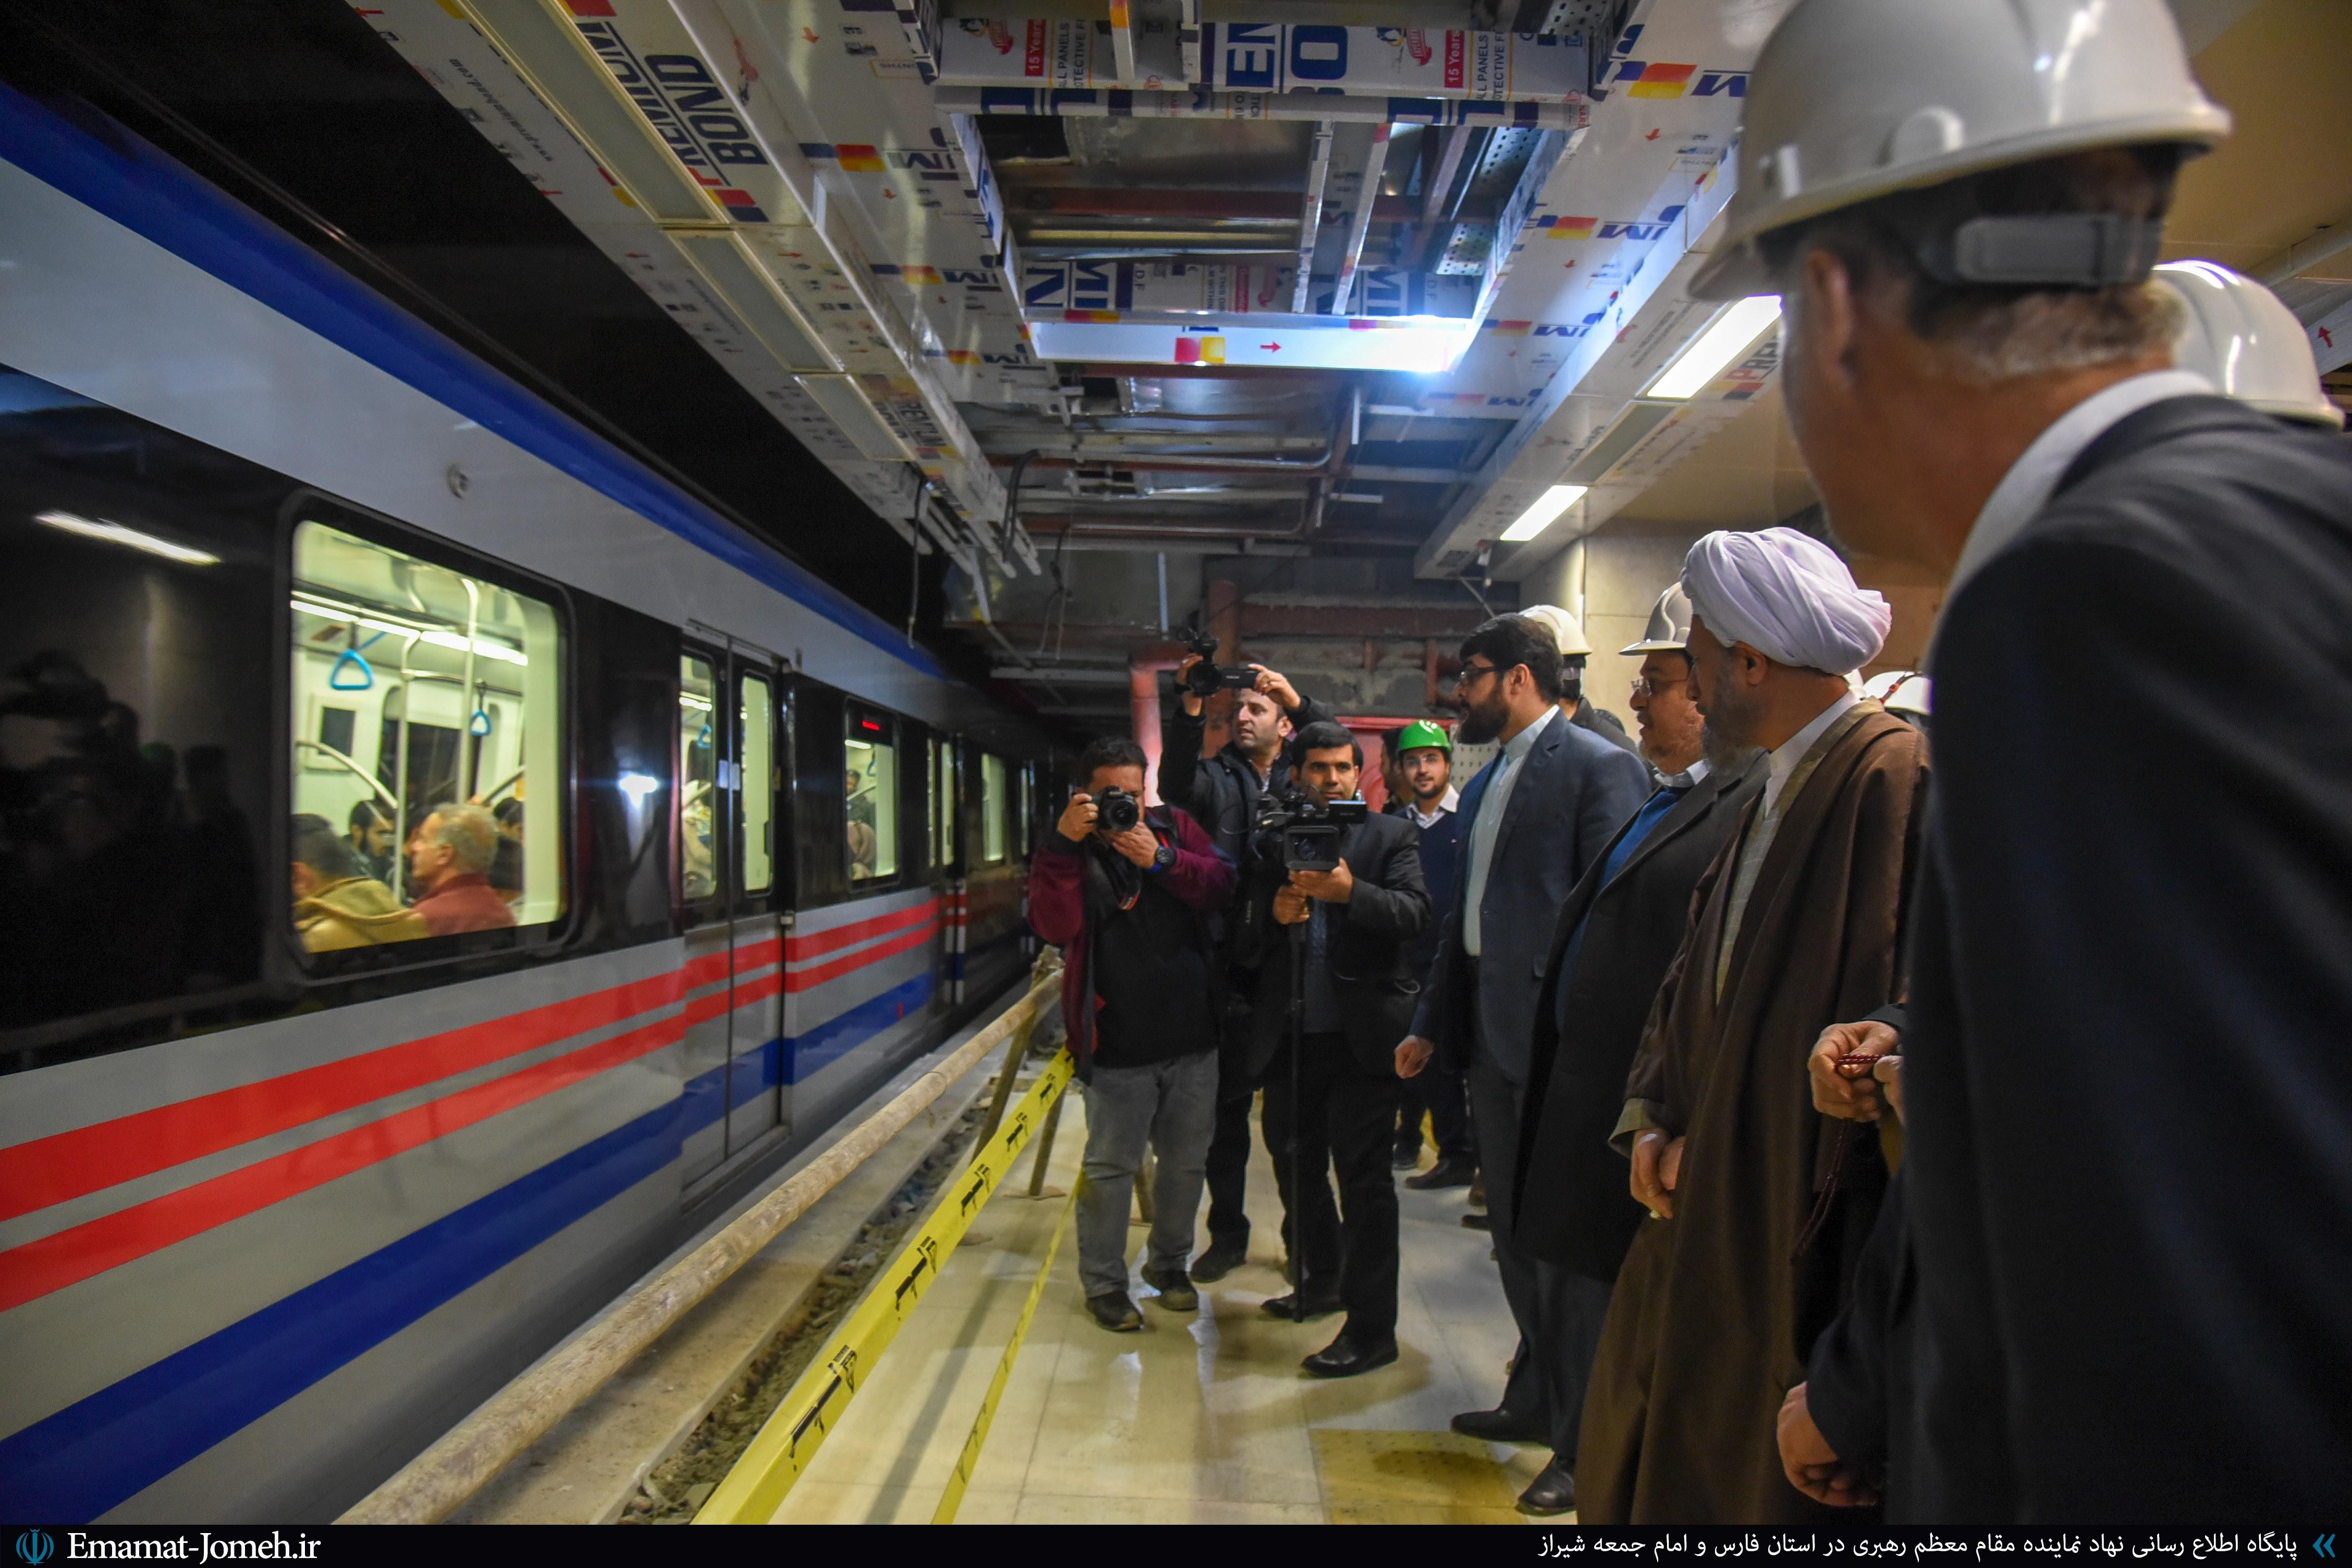 بازدید آیت الله دژکام از ایستگاه میدان امام حسین(ع) قطار شهری شیراز